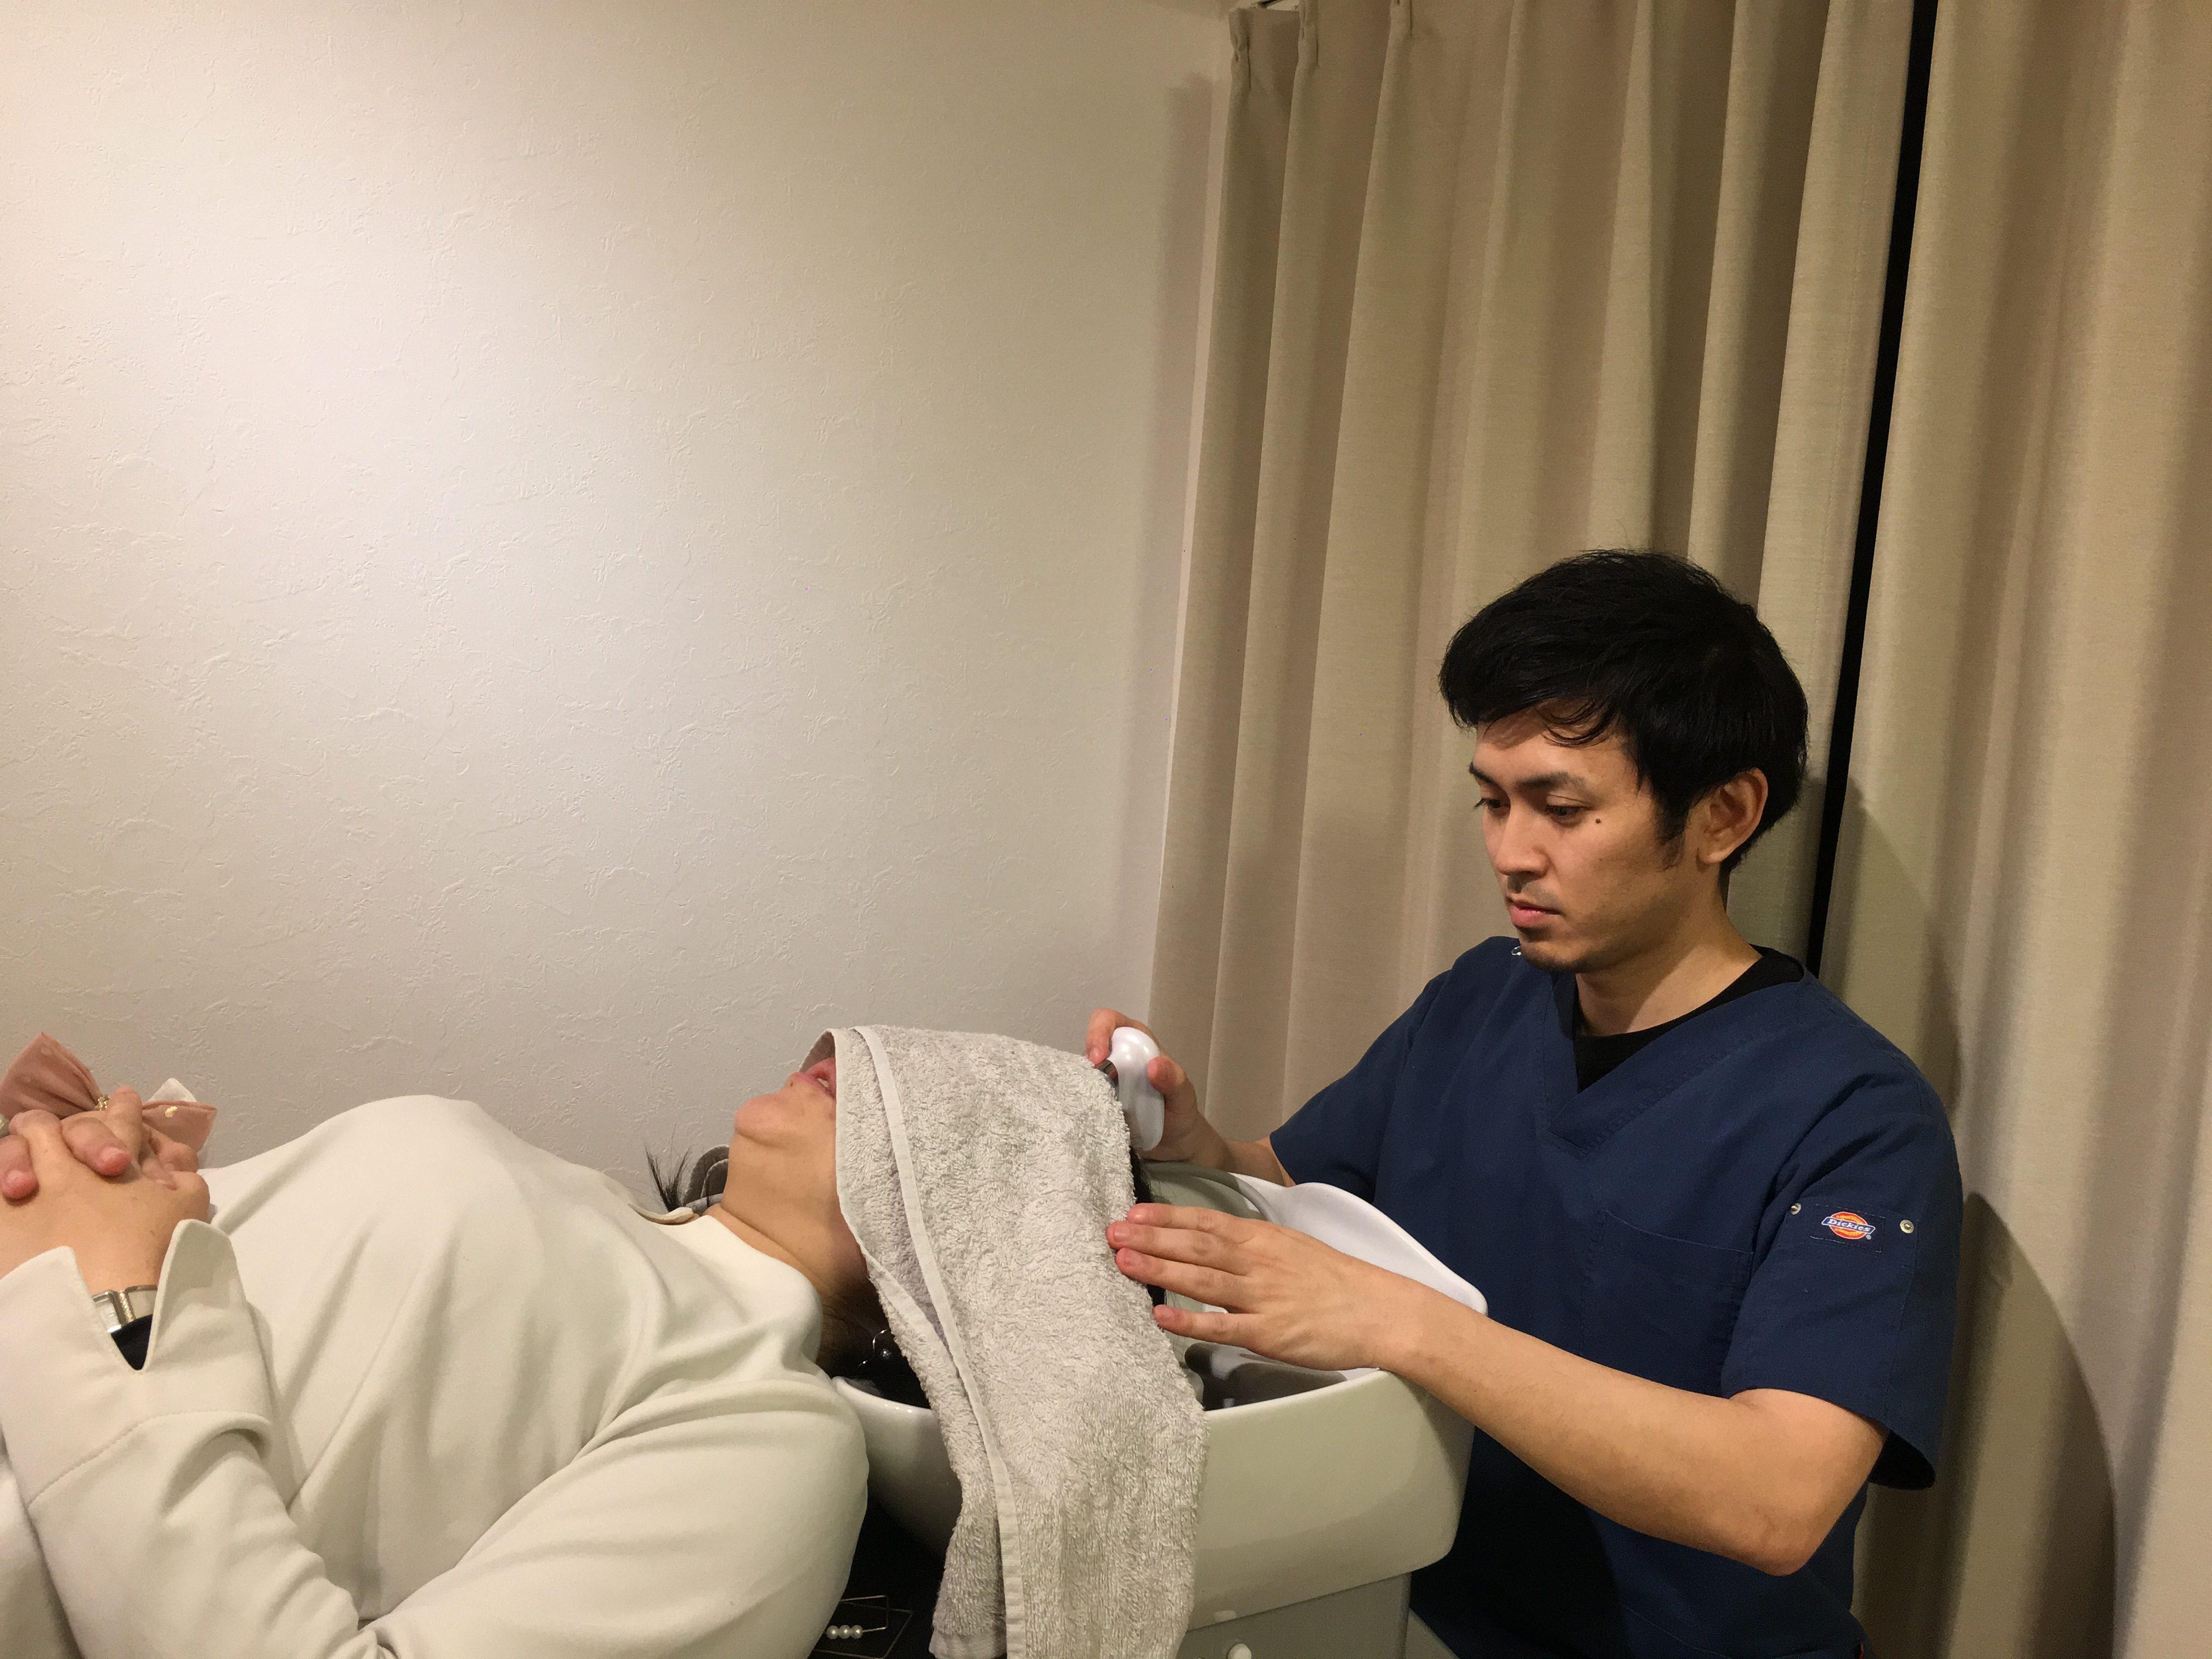 福岡薄毛発毛サロン憲キャビテーション